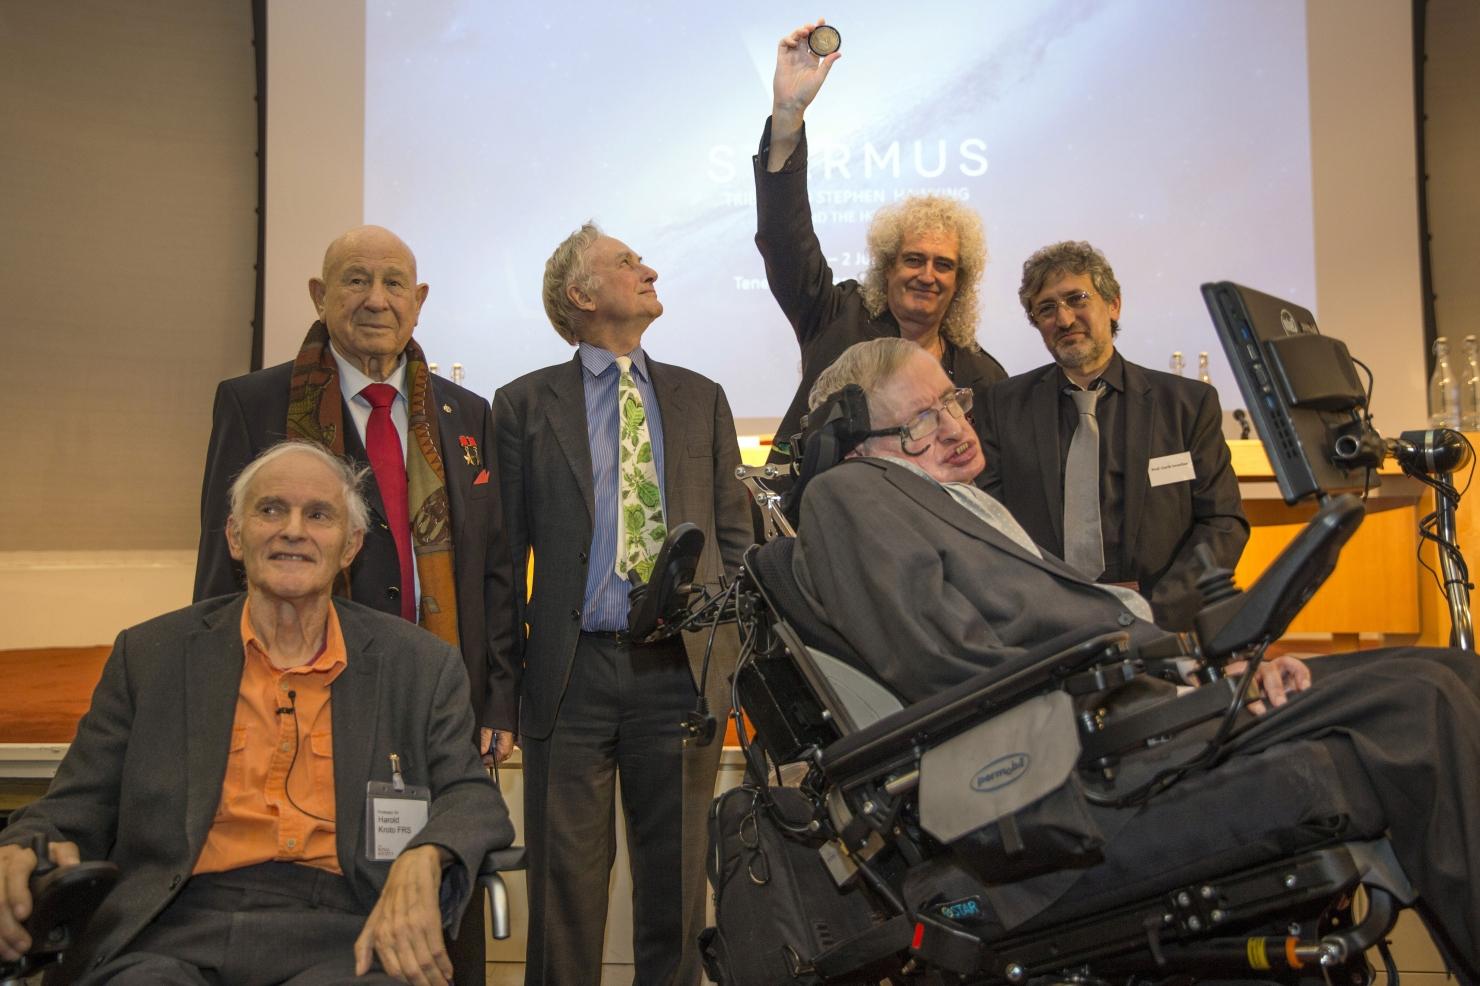 Stephwen Hawking